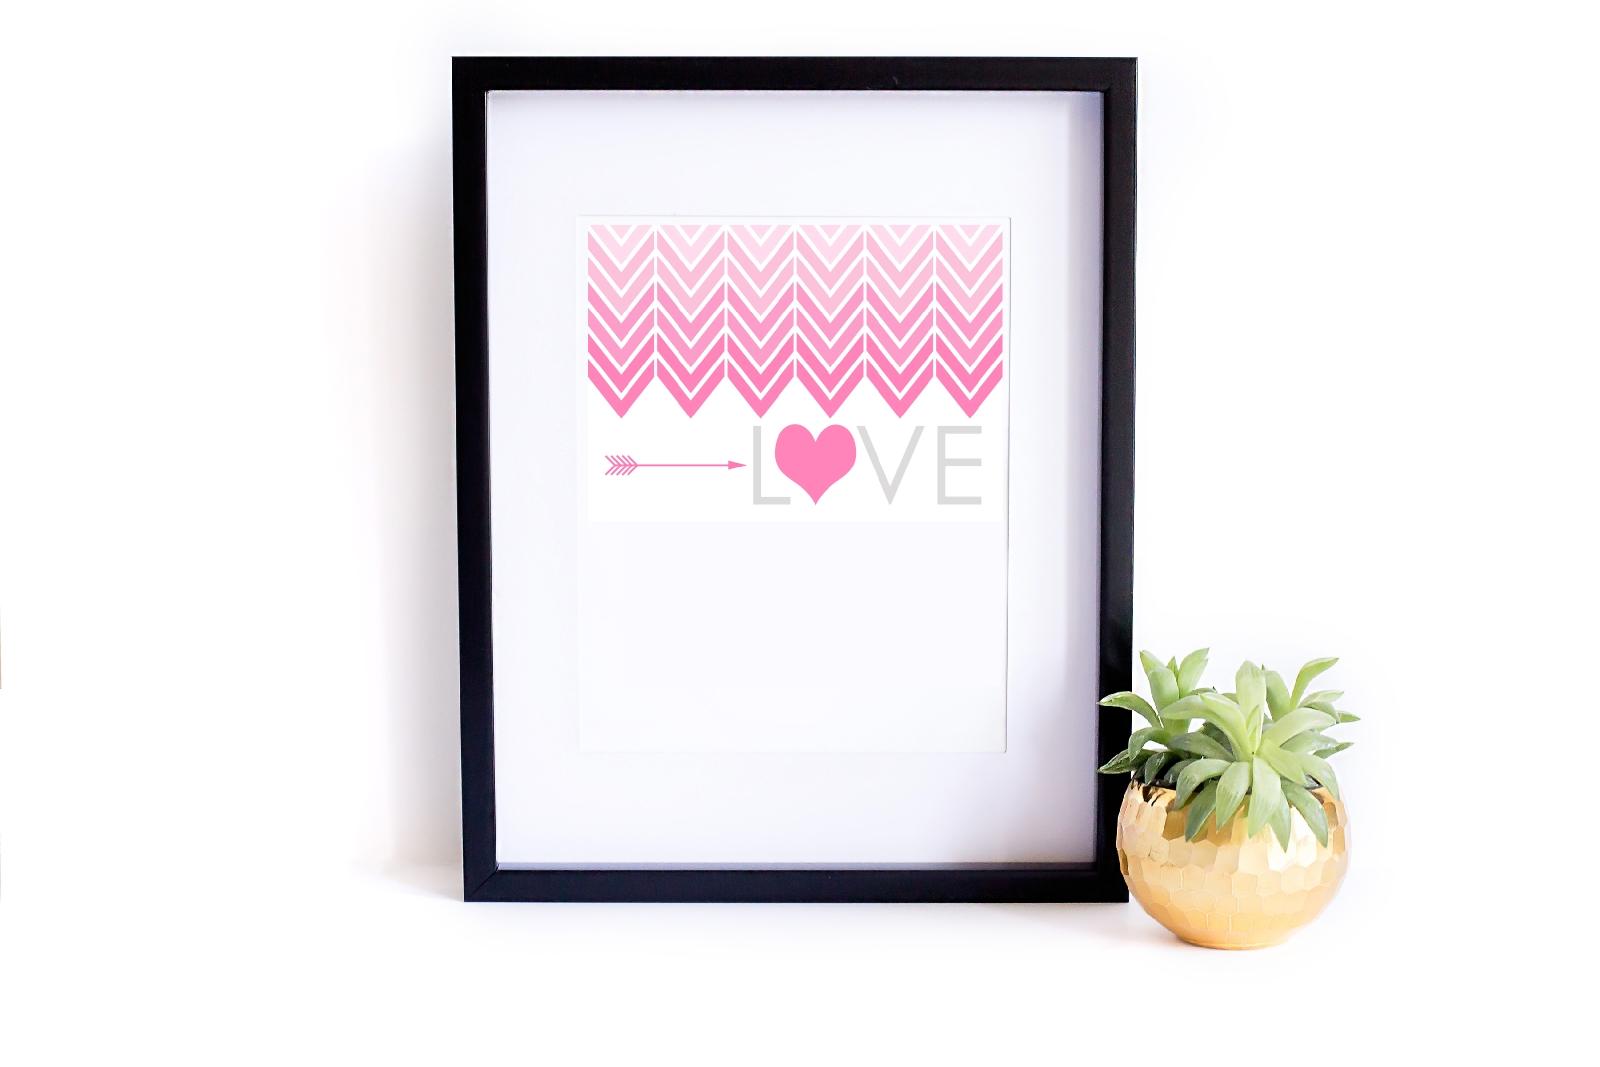 miłosny plakat do druku za darmo